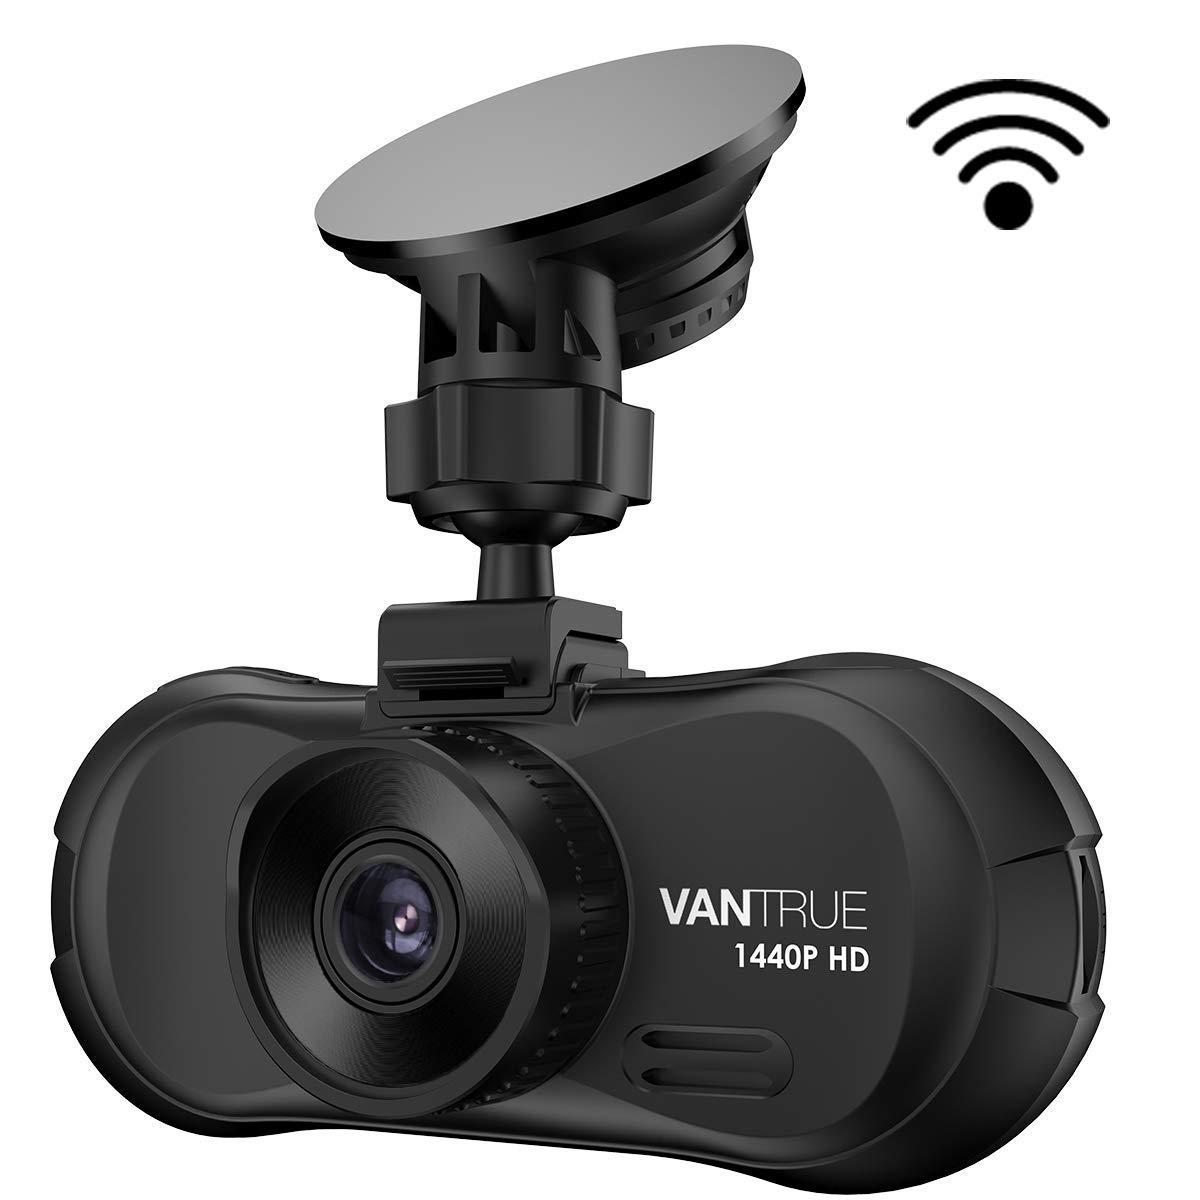 Caméra de voiture WiFi, Vantrue X3 Super HD 2.5K 1440P Dashcam Voiture Enregistreur de Conduite Écran LCD 2.7 Pouces, 170 ° Grand Angle, Super Vision Nocturne HDR, Mode Parking, Enregistrement en boucle, Capteur G, Détection de mou